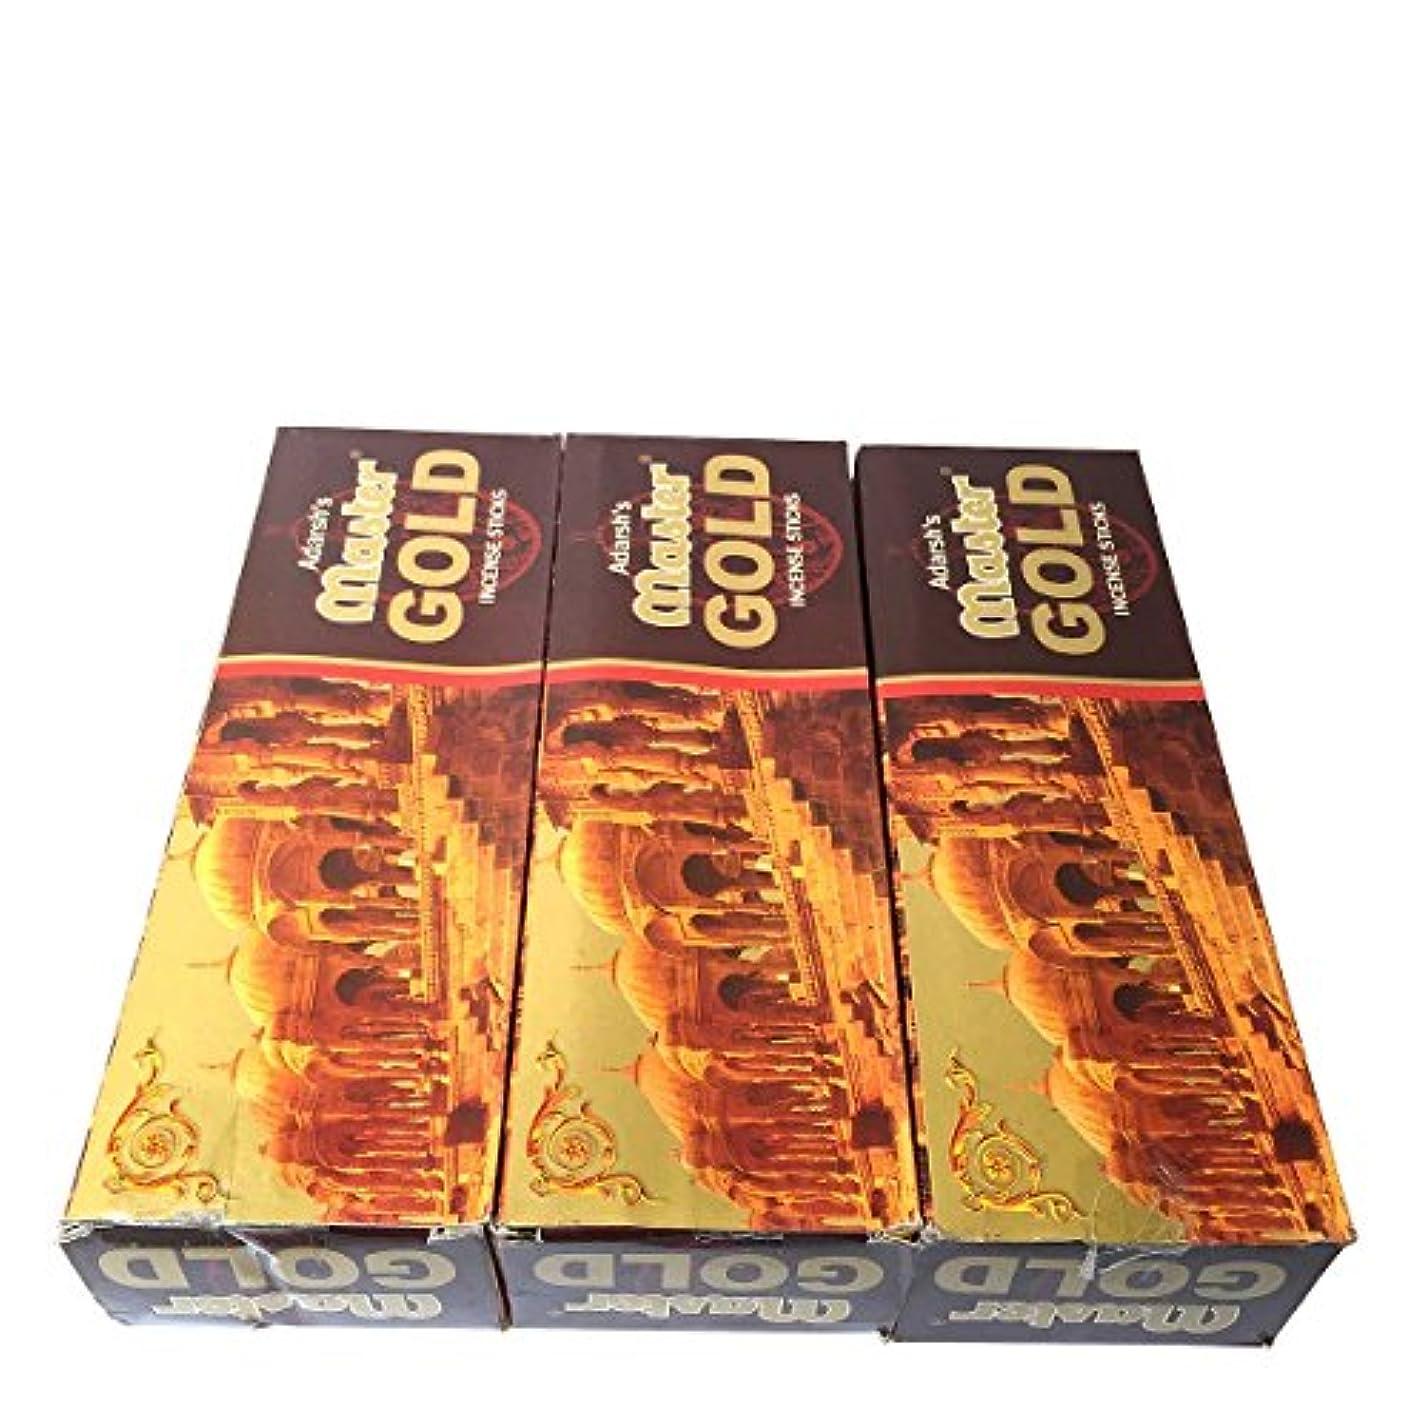 なくなるキロメートルパラメータマスターゴールド香スティック 3BOX(18箱) /ADARSH AROMATICS  MASTER GOLD/インセンス/インド香 お香 [並行輸入品]